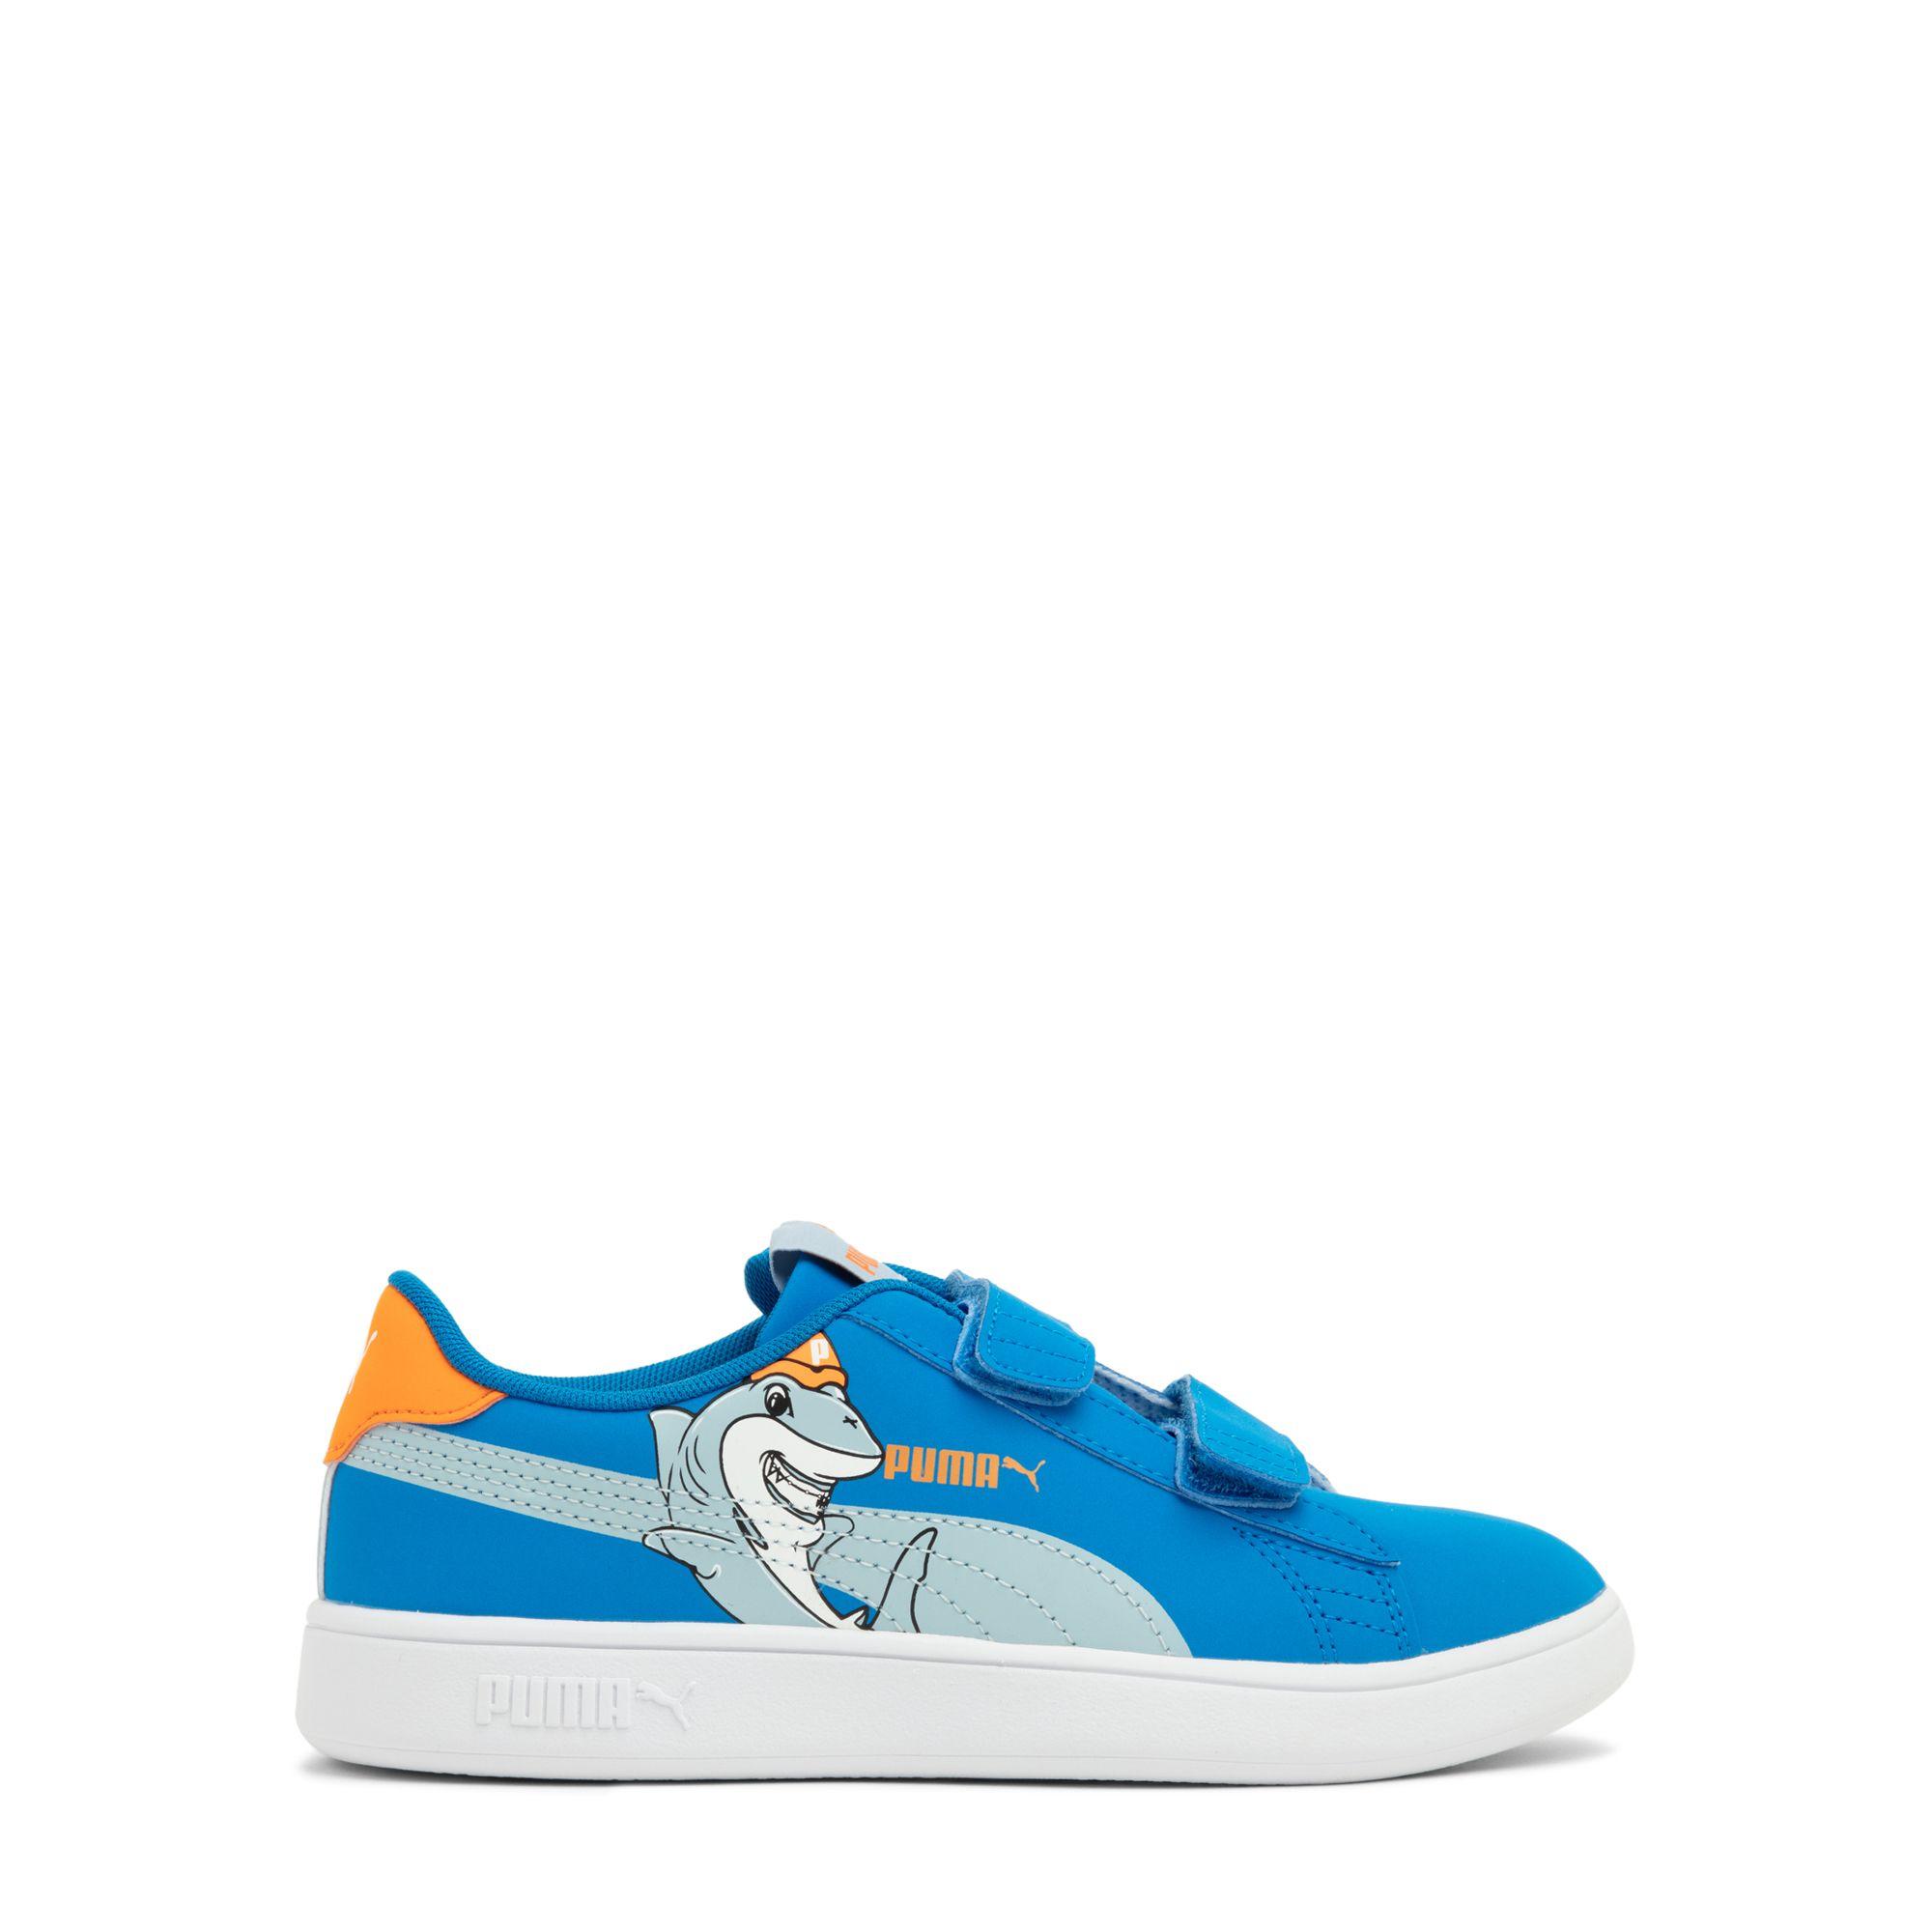 Smash v2 Lil sneakers